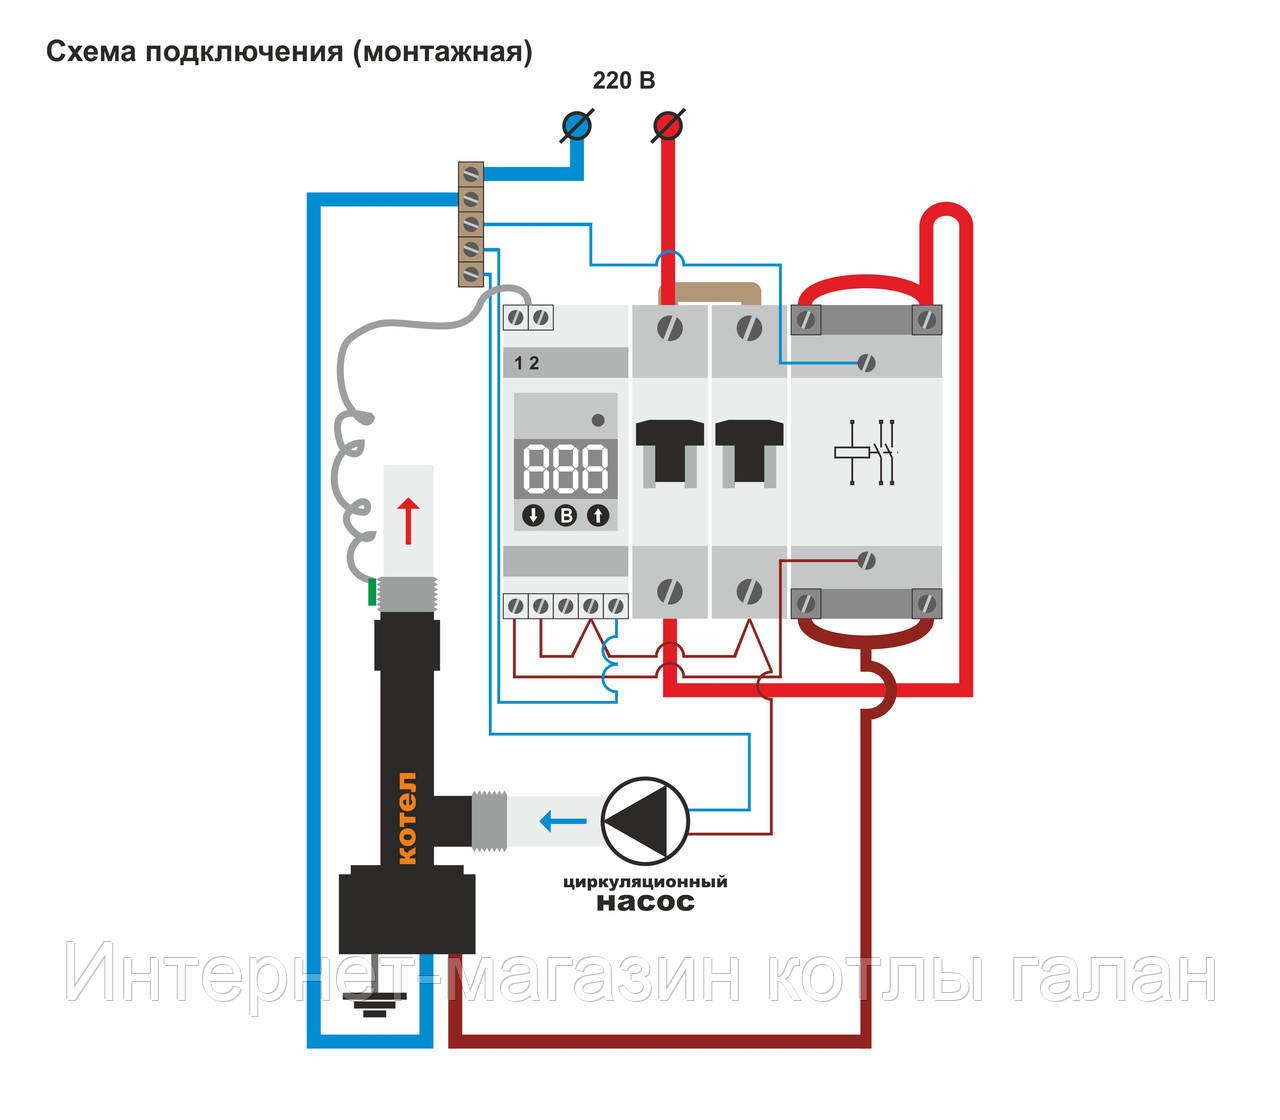 Схема подключения электрокотла эван